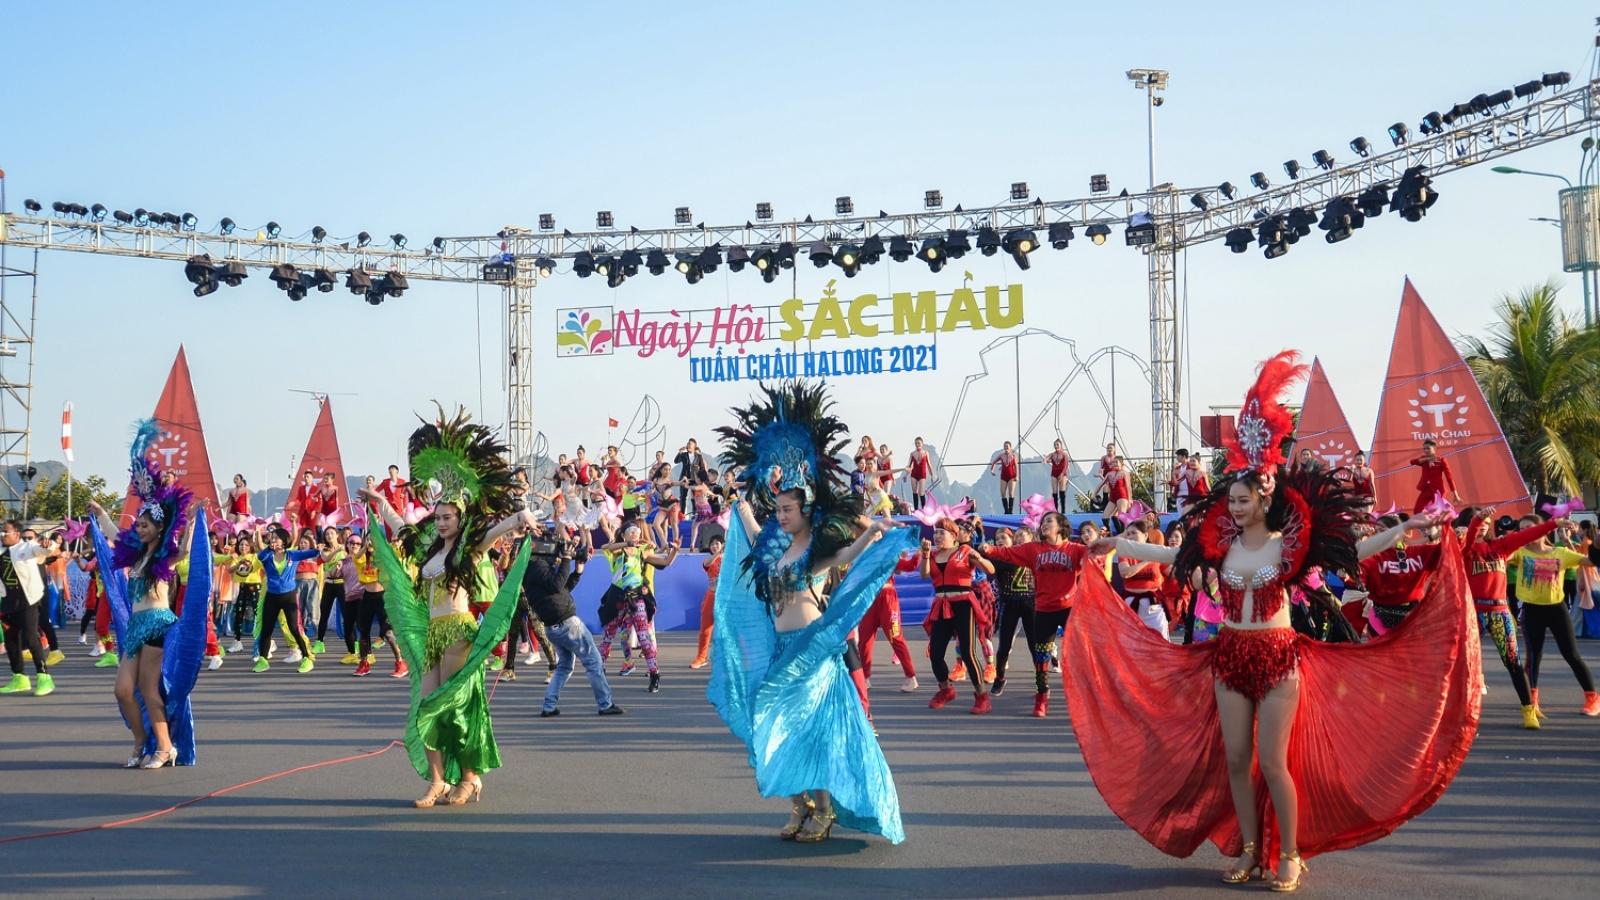 27 sự kiện văn hóa, du lịch chào hè tạiQuảng Ninh